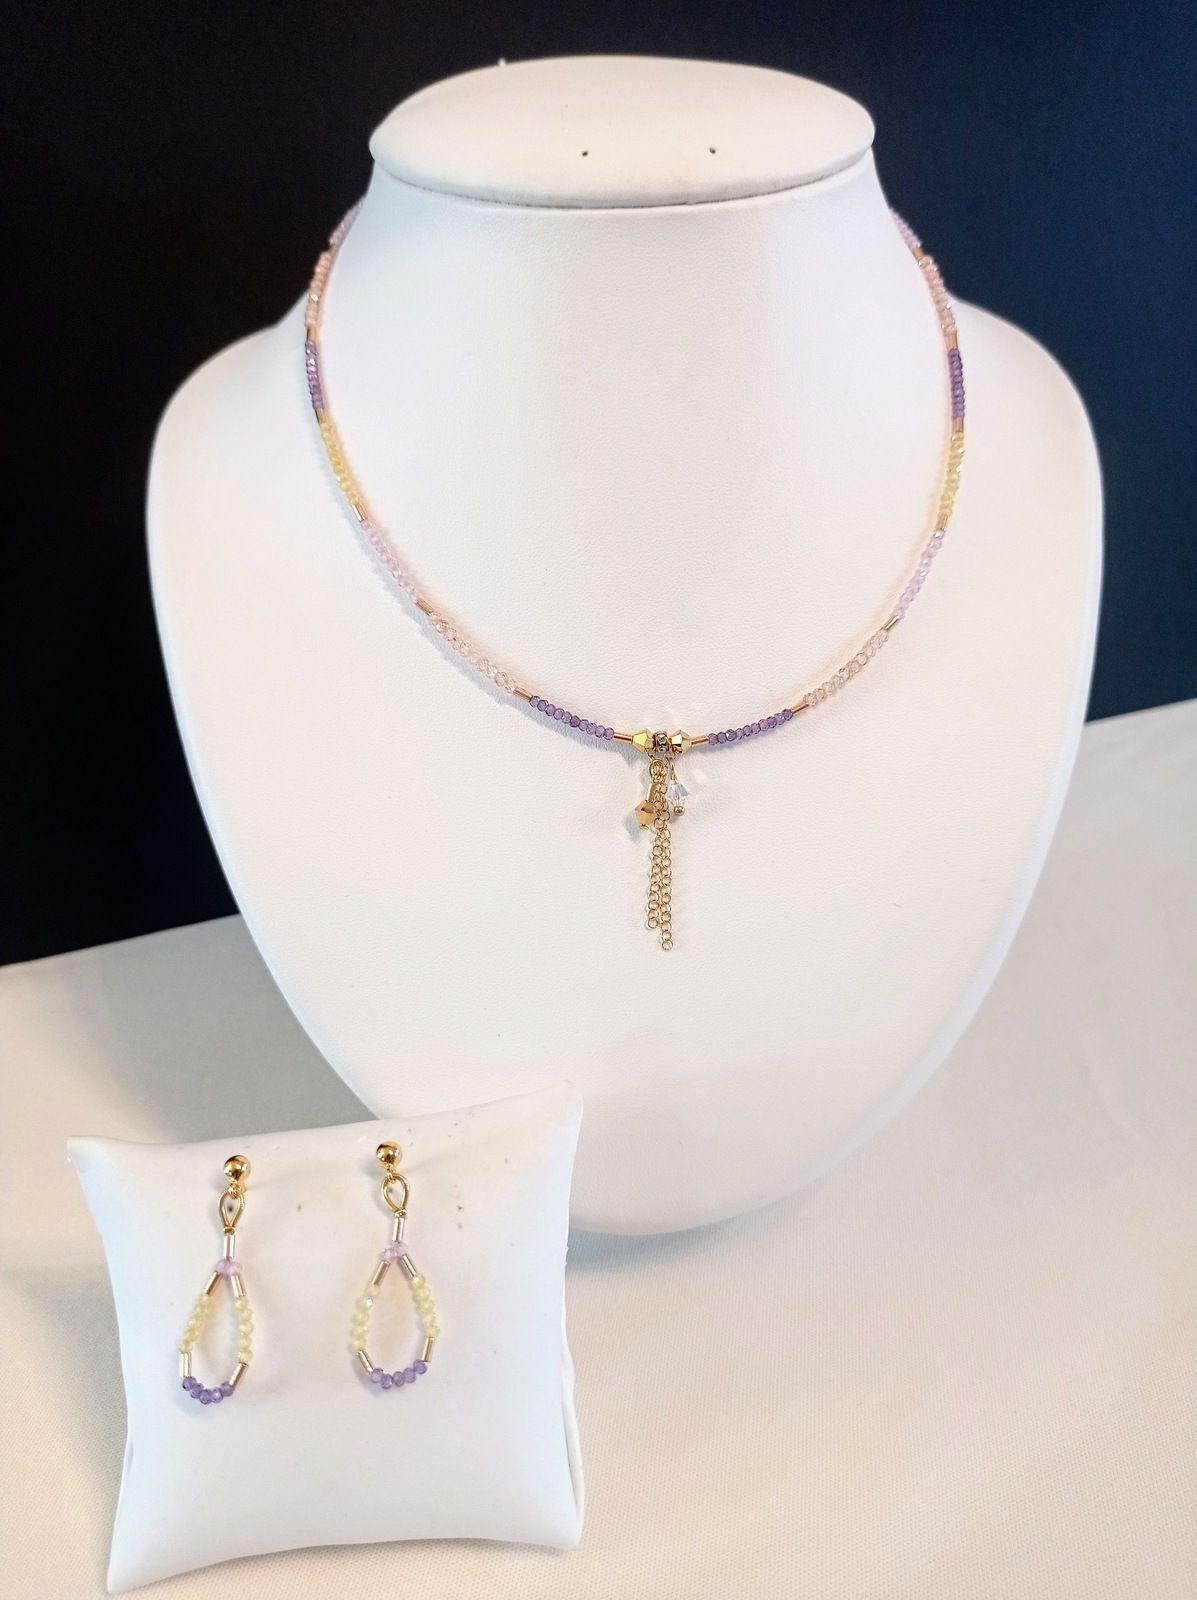 REF.VN203.Collier perles zirconium + cristal de Swarovski avec Chaîne de rallonge . Long. entre 40 et 42,5cm. BO avec clous en  métal doré européen. COLLIER 30€ - BO 14€.